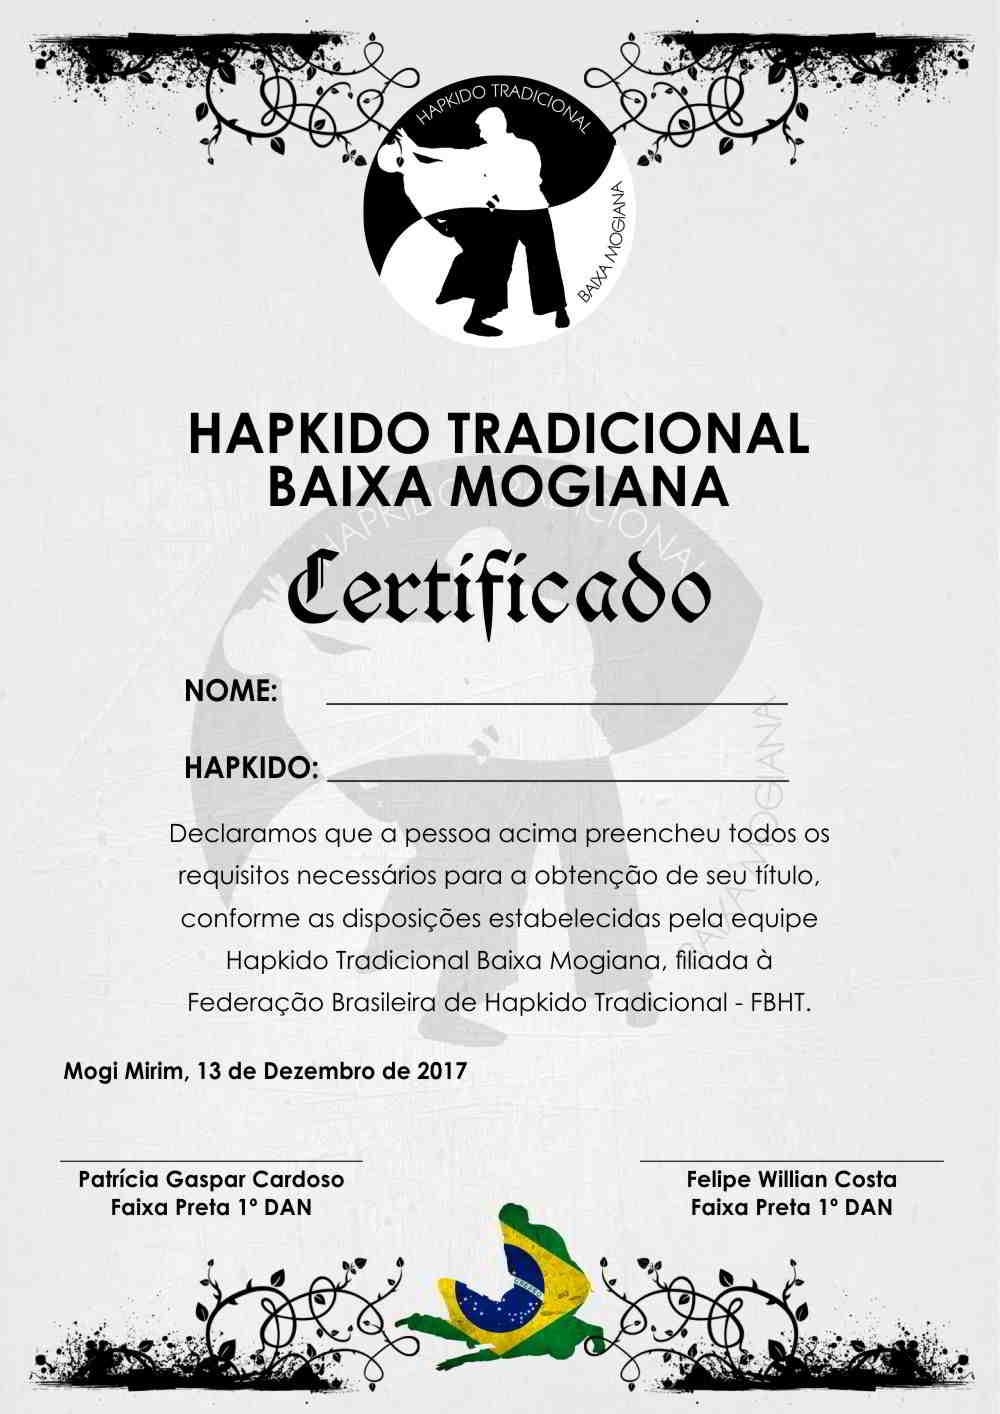 Criação de arte para certificado para cliente em Mogi Mirim, Hapkido Baixa Mogiana